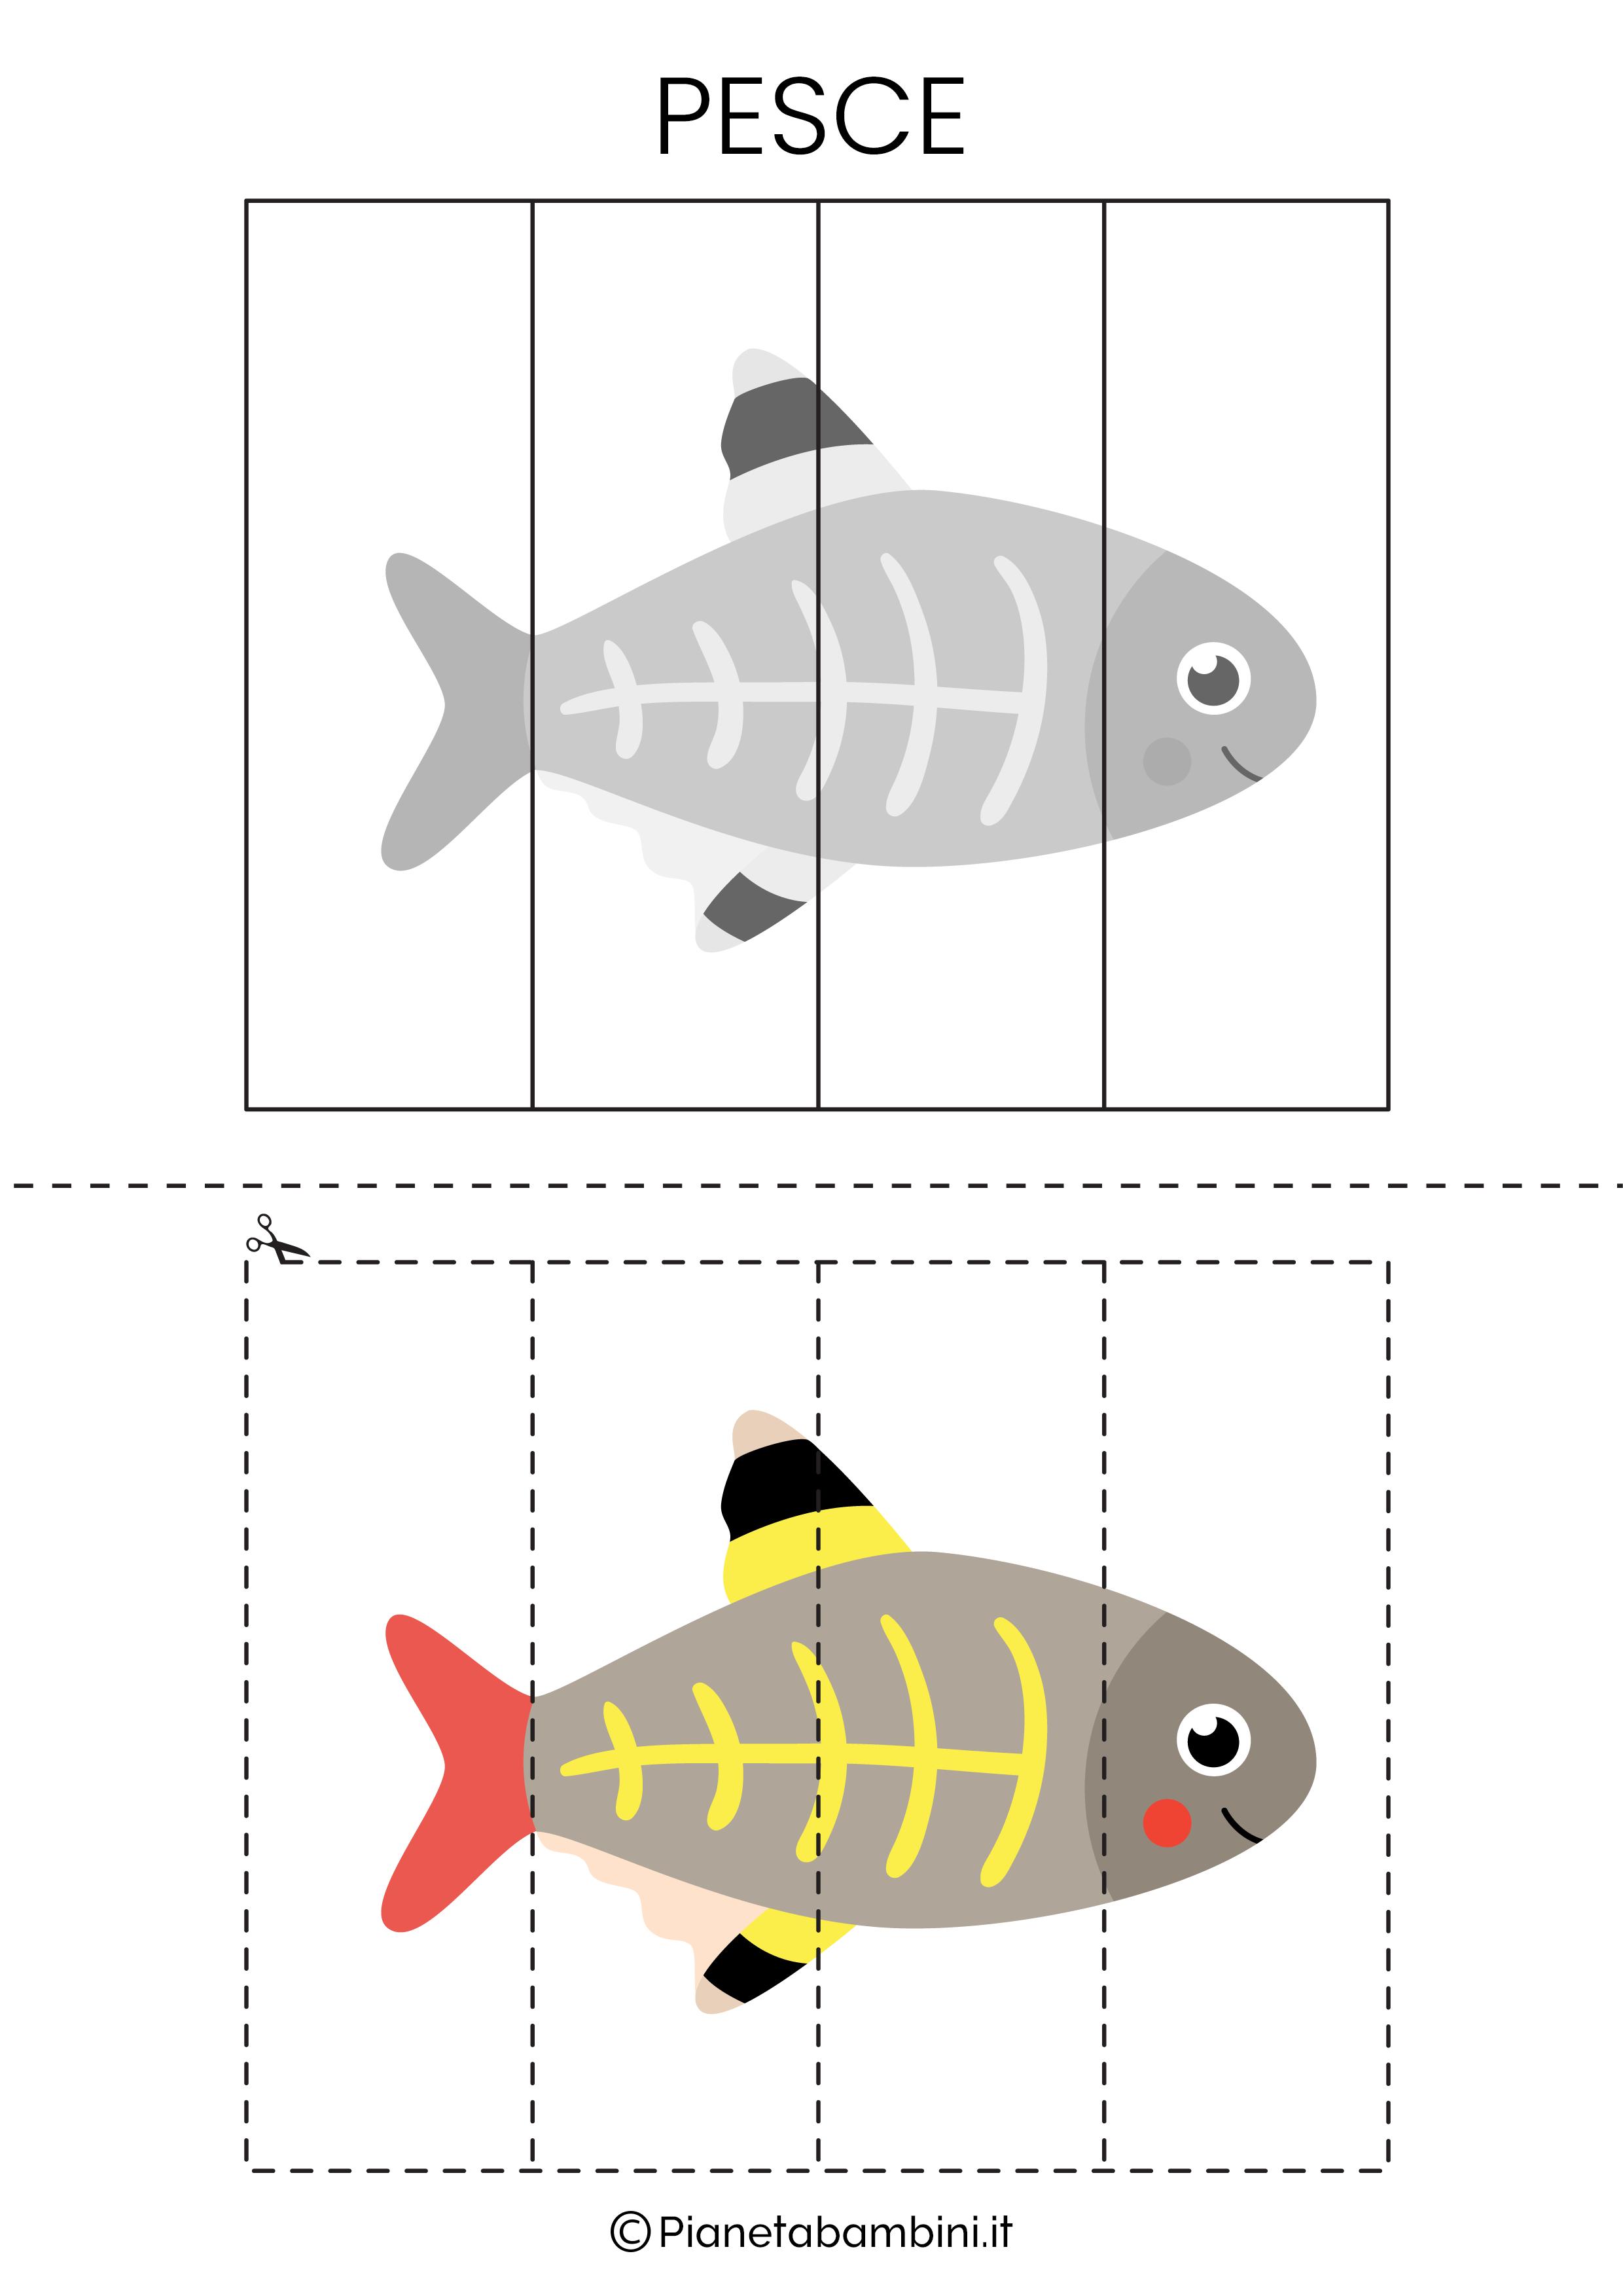 Puzzle del pesce da 4 pezzi da ritagliare e ricomporre